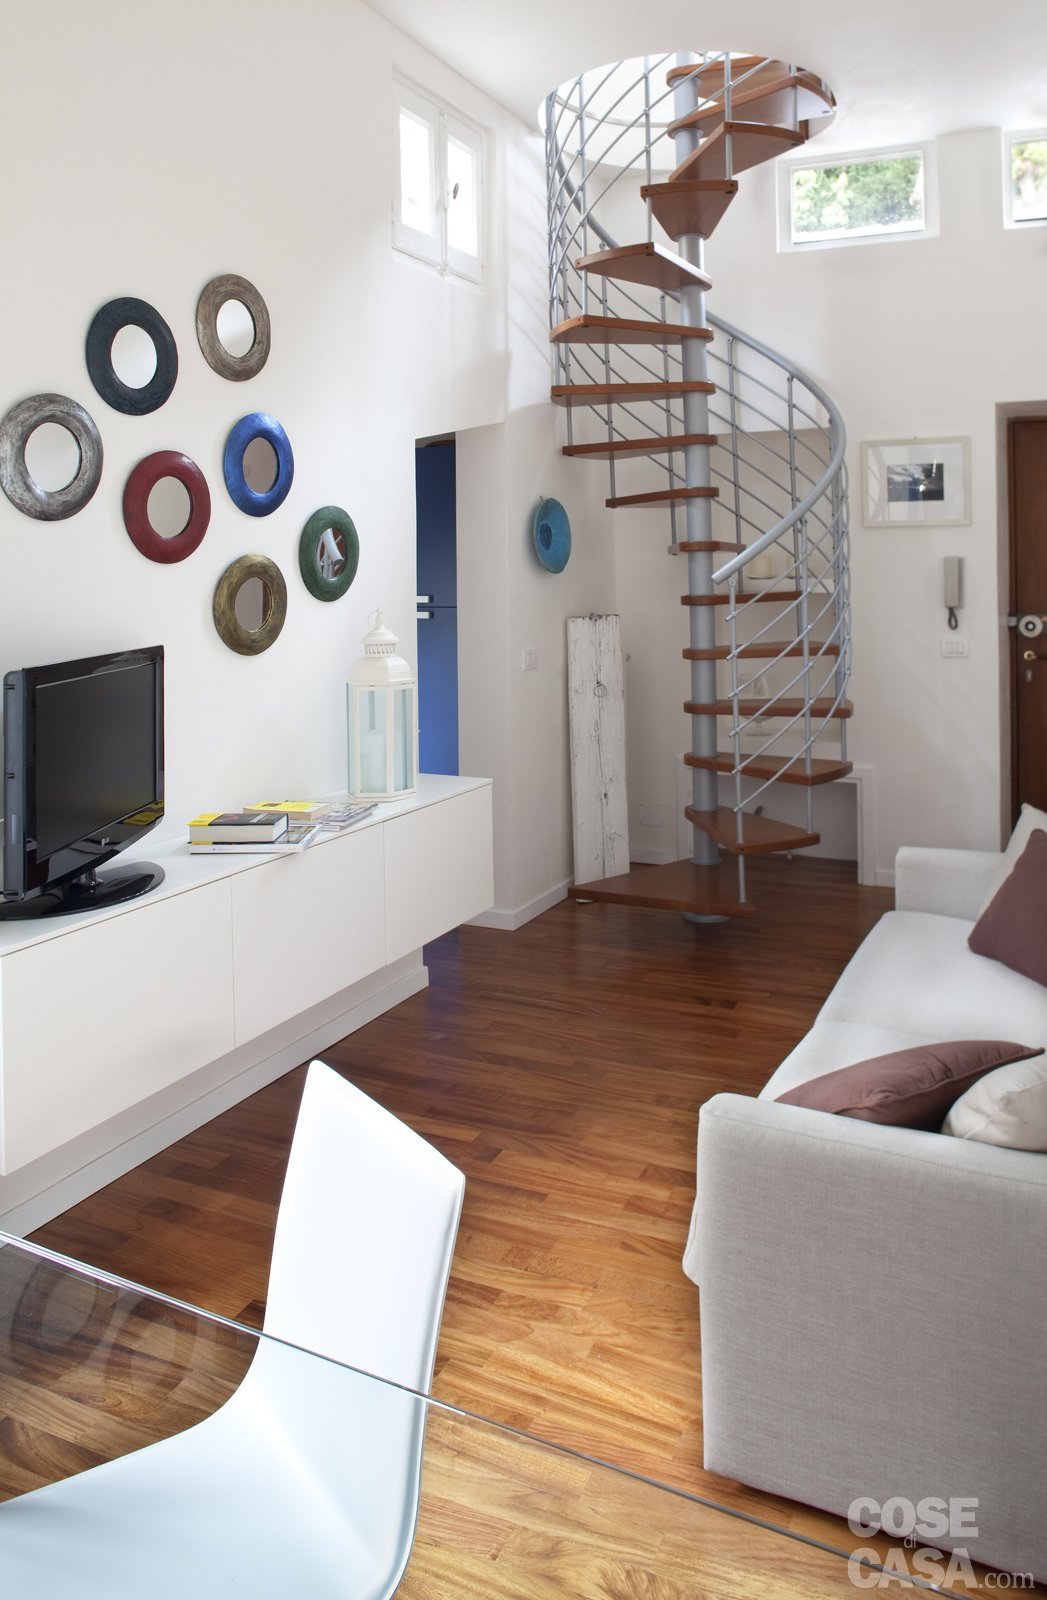 48 mq bilocale su due livelli cose di casa for Piani quadrati a chiocciola